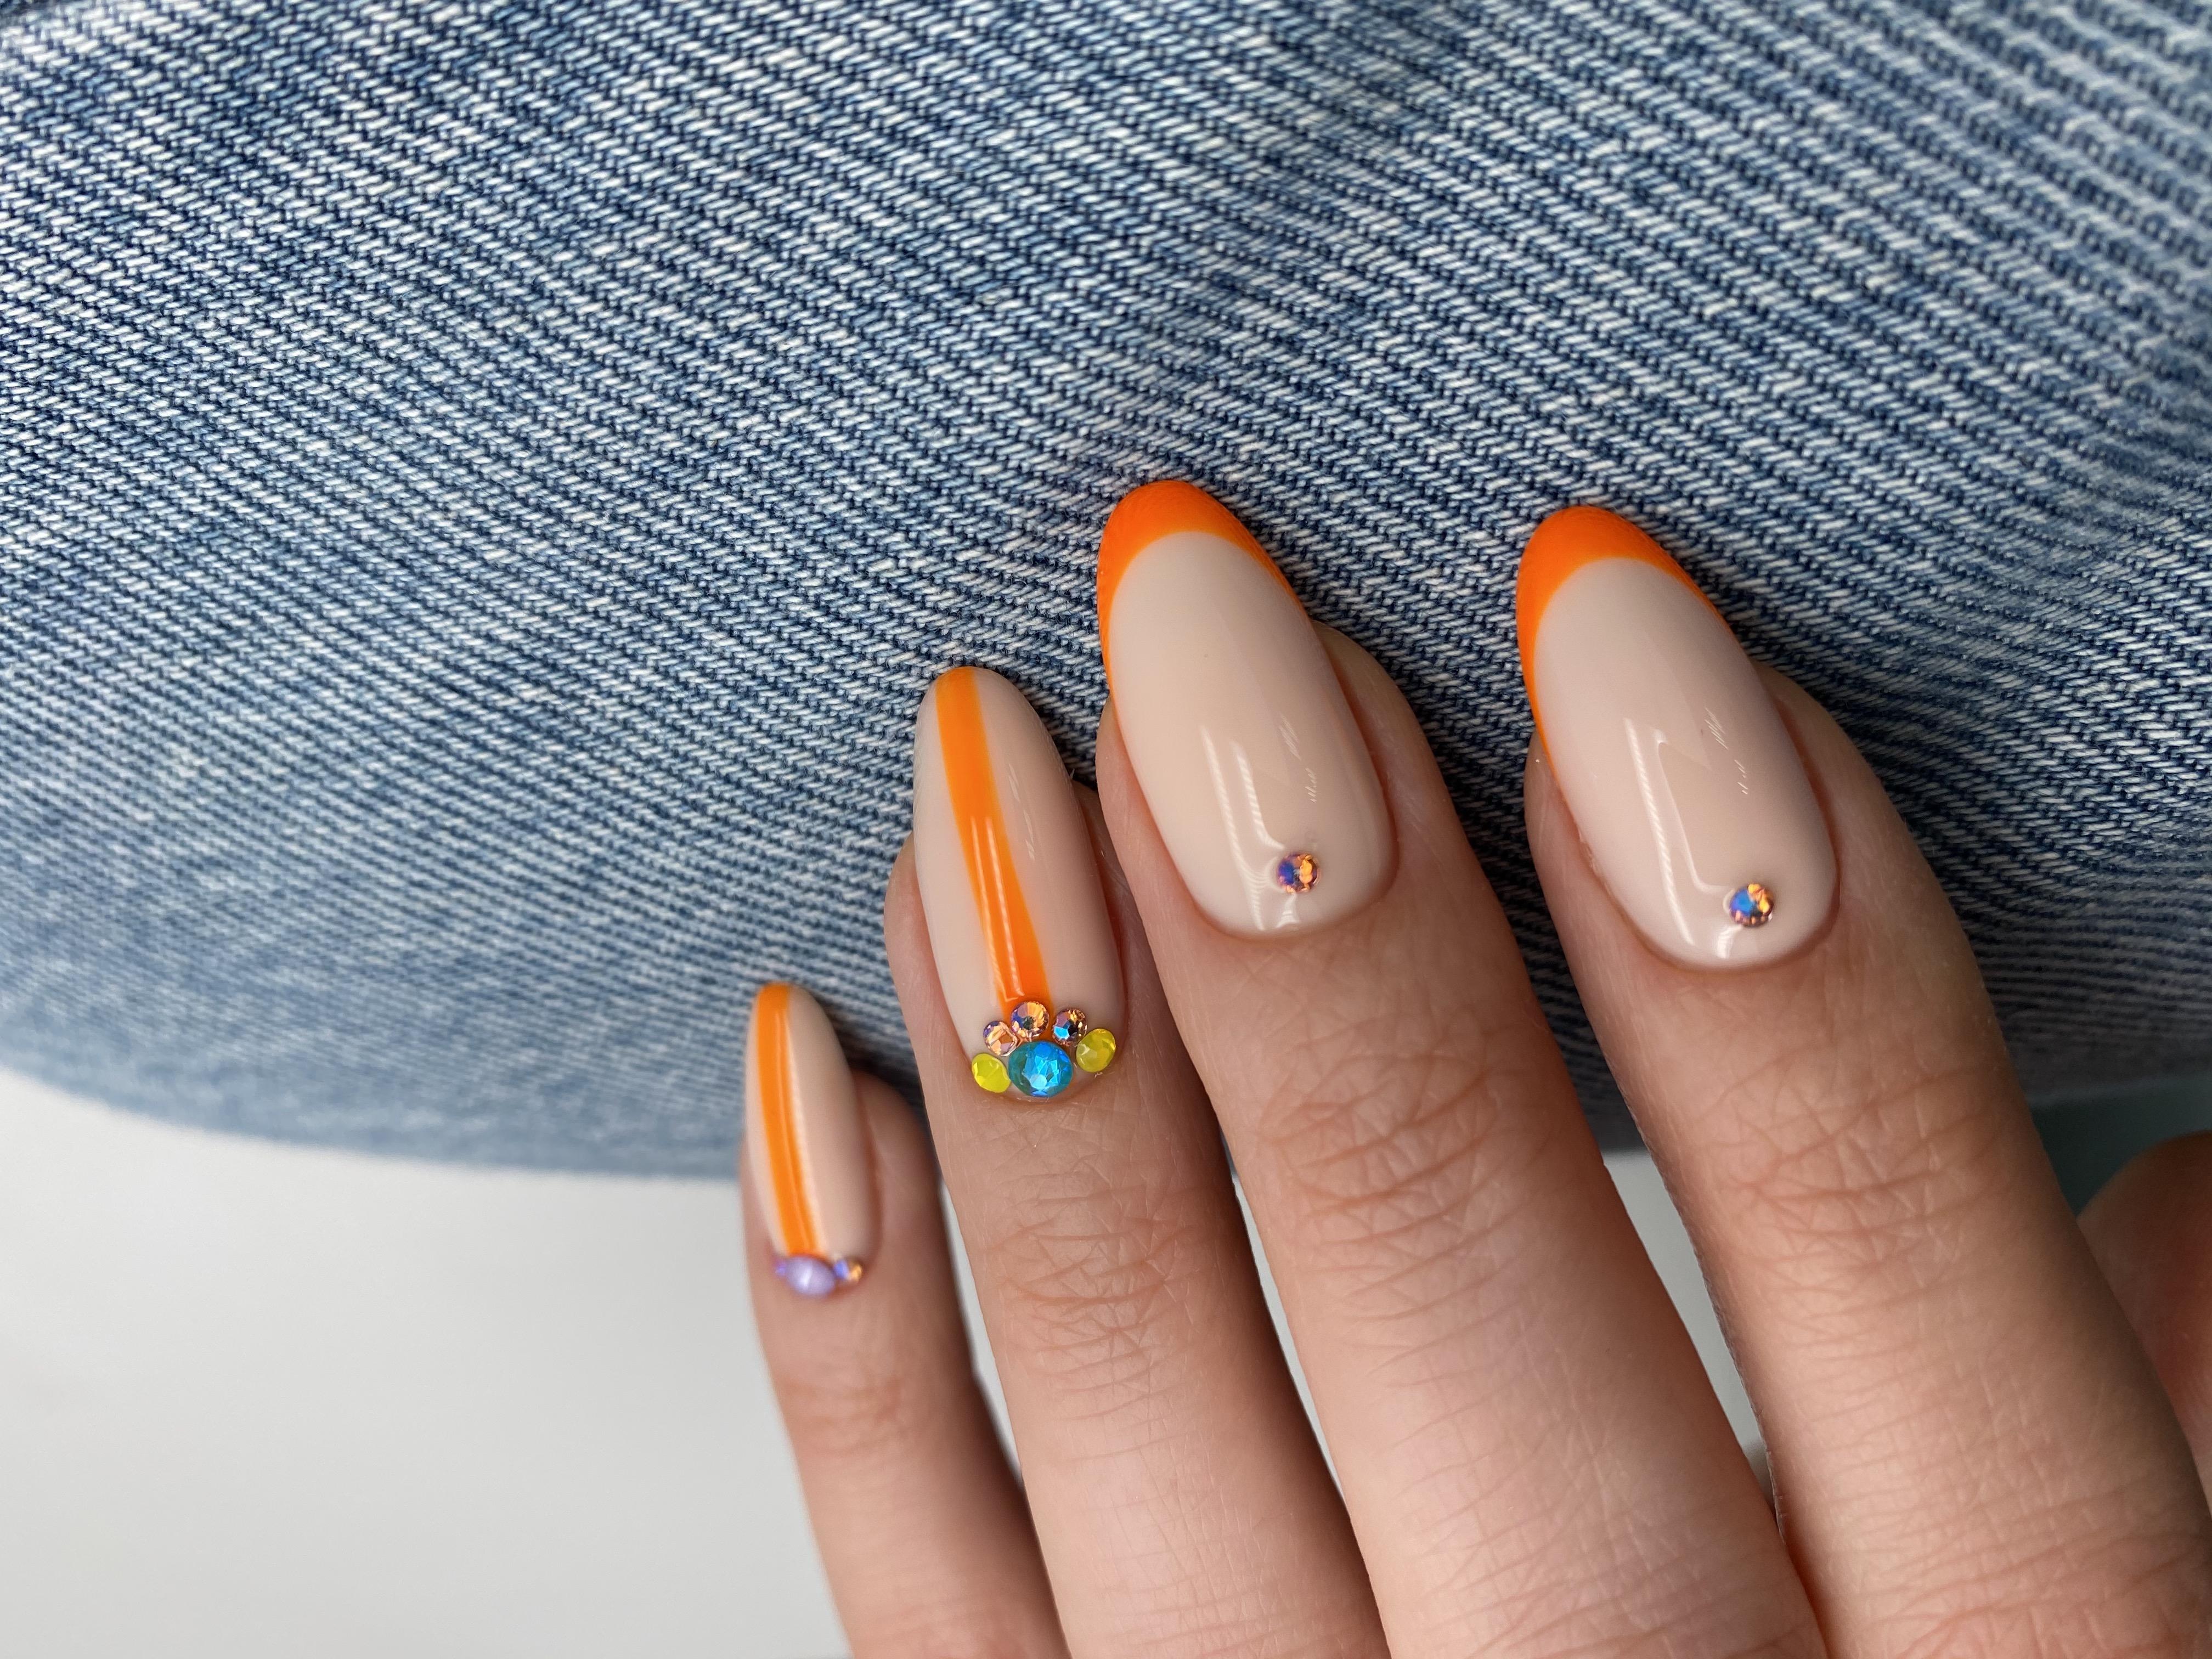 Френч с полосками и стразами в оранжевом цвете  на длинные ногти.